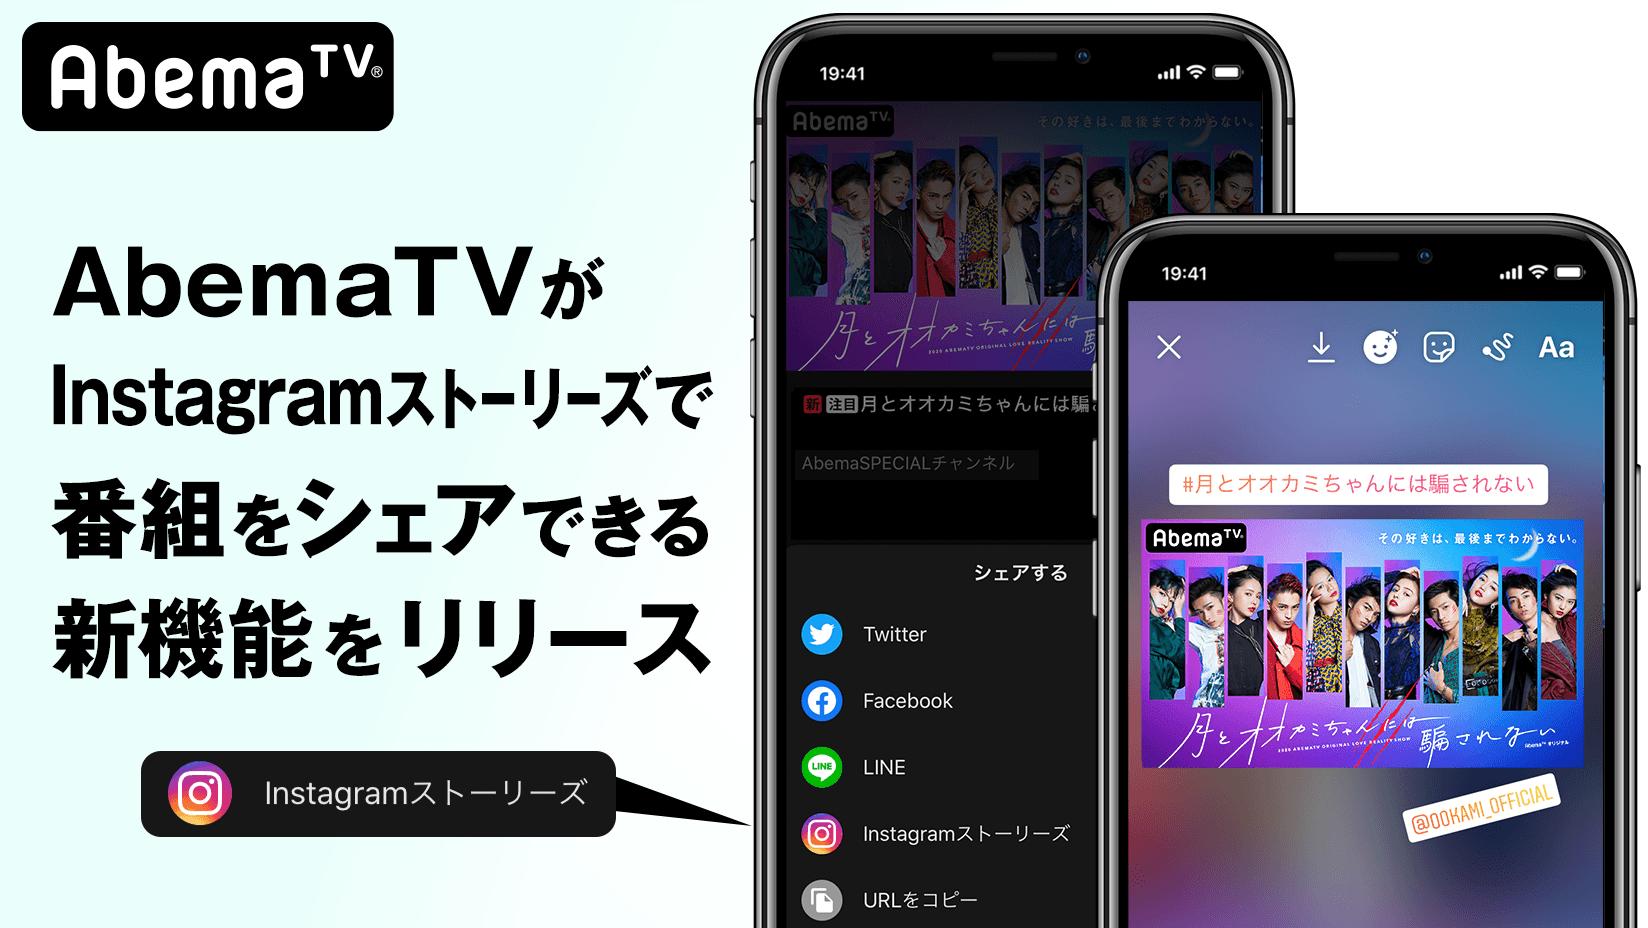 サイバーエージェントの「AbemaTV」、「Instagramストーリーズ」でシェアできる機能を提供開始